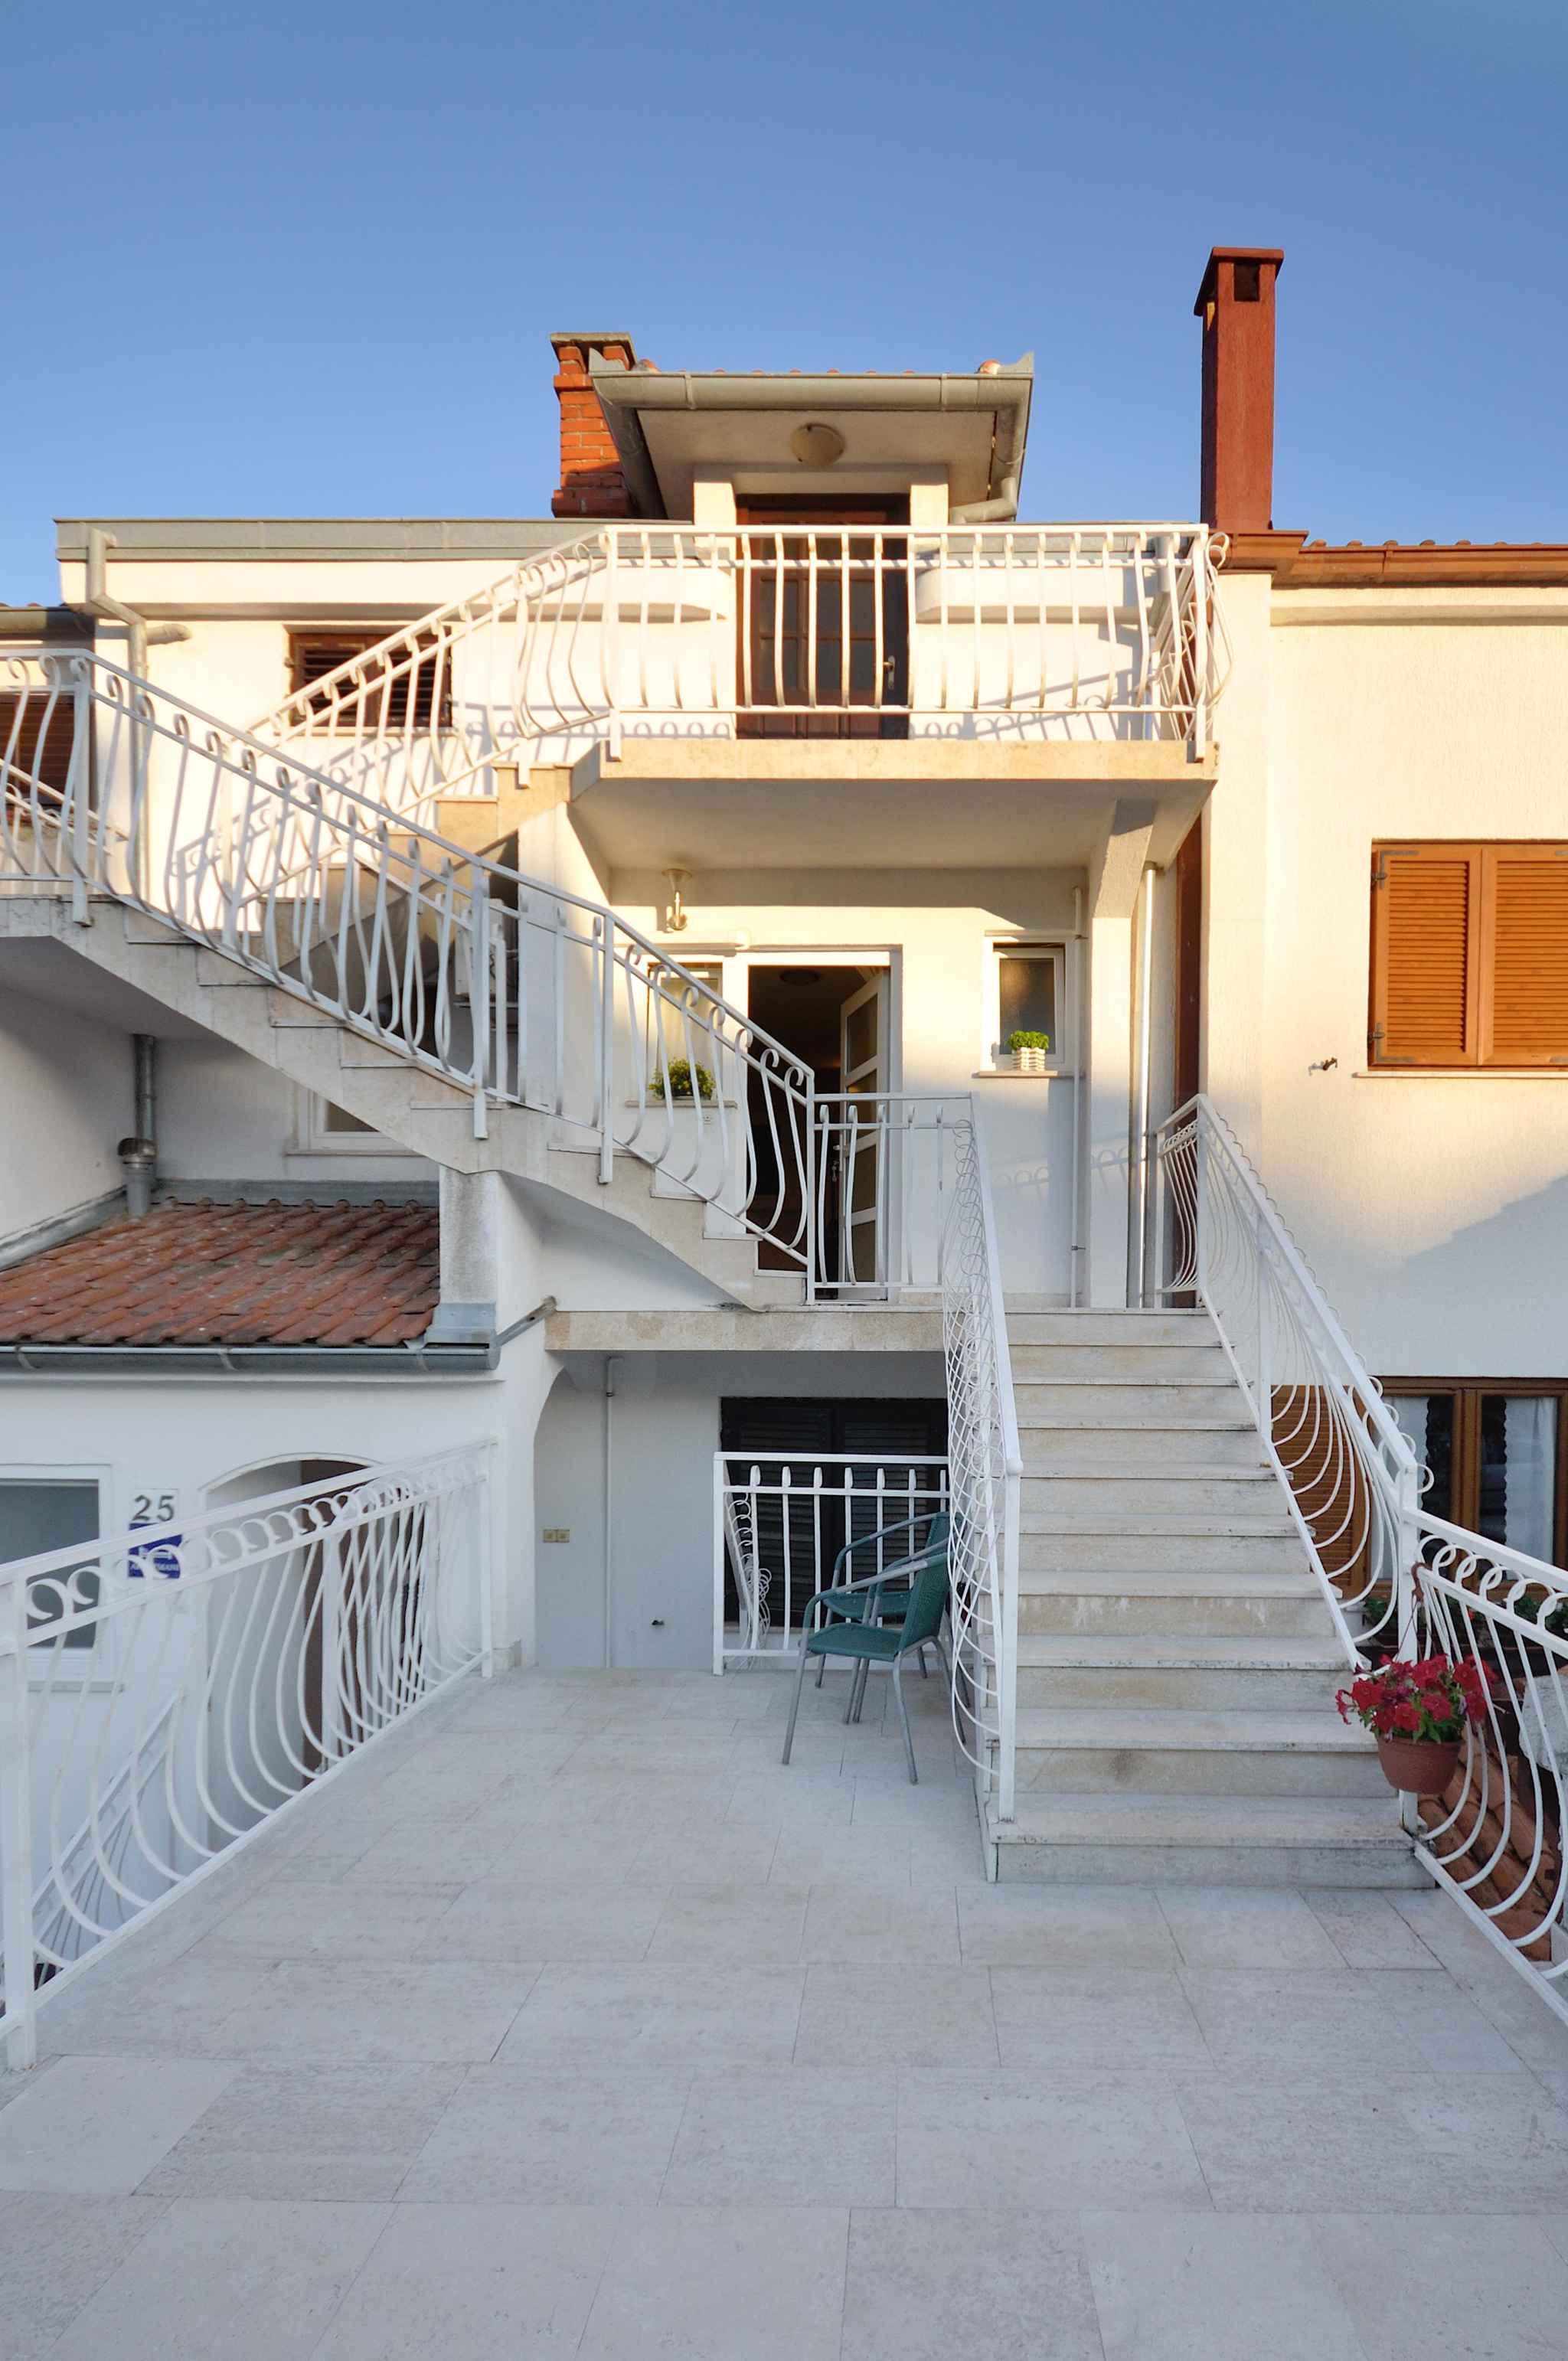 Ferienwohnung mit Klimaanlage (280657), Pula, , Istrien, Kroatien, Bild 2